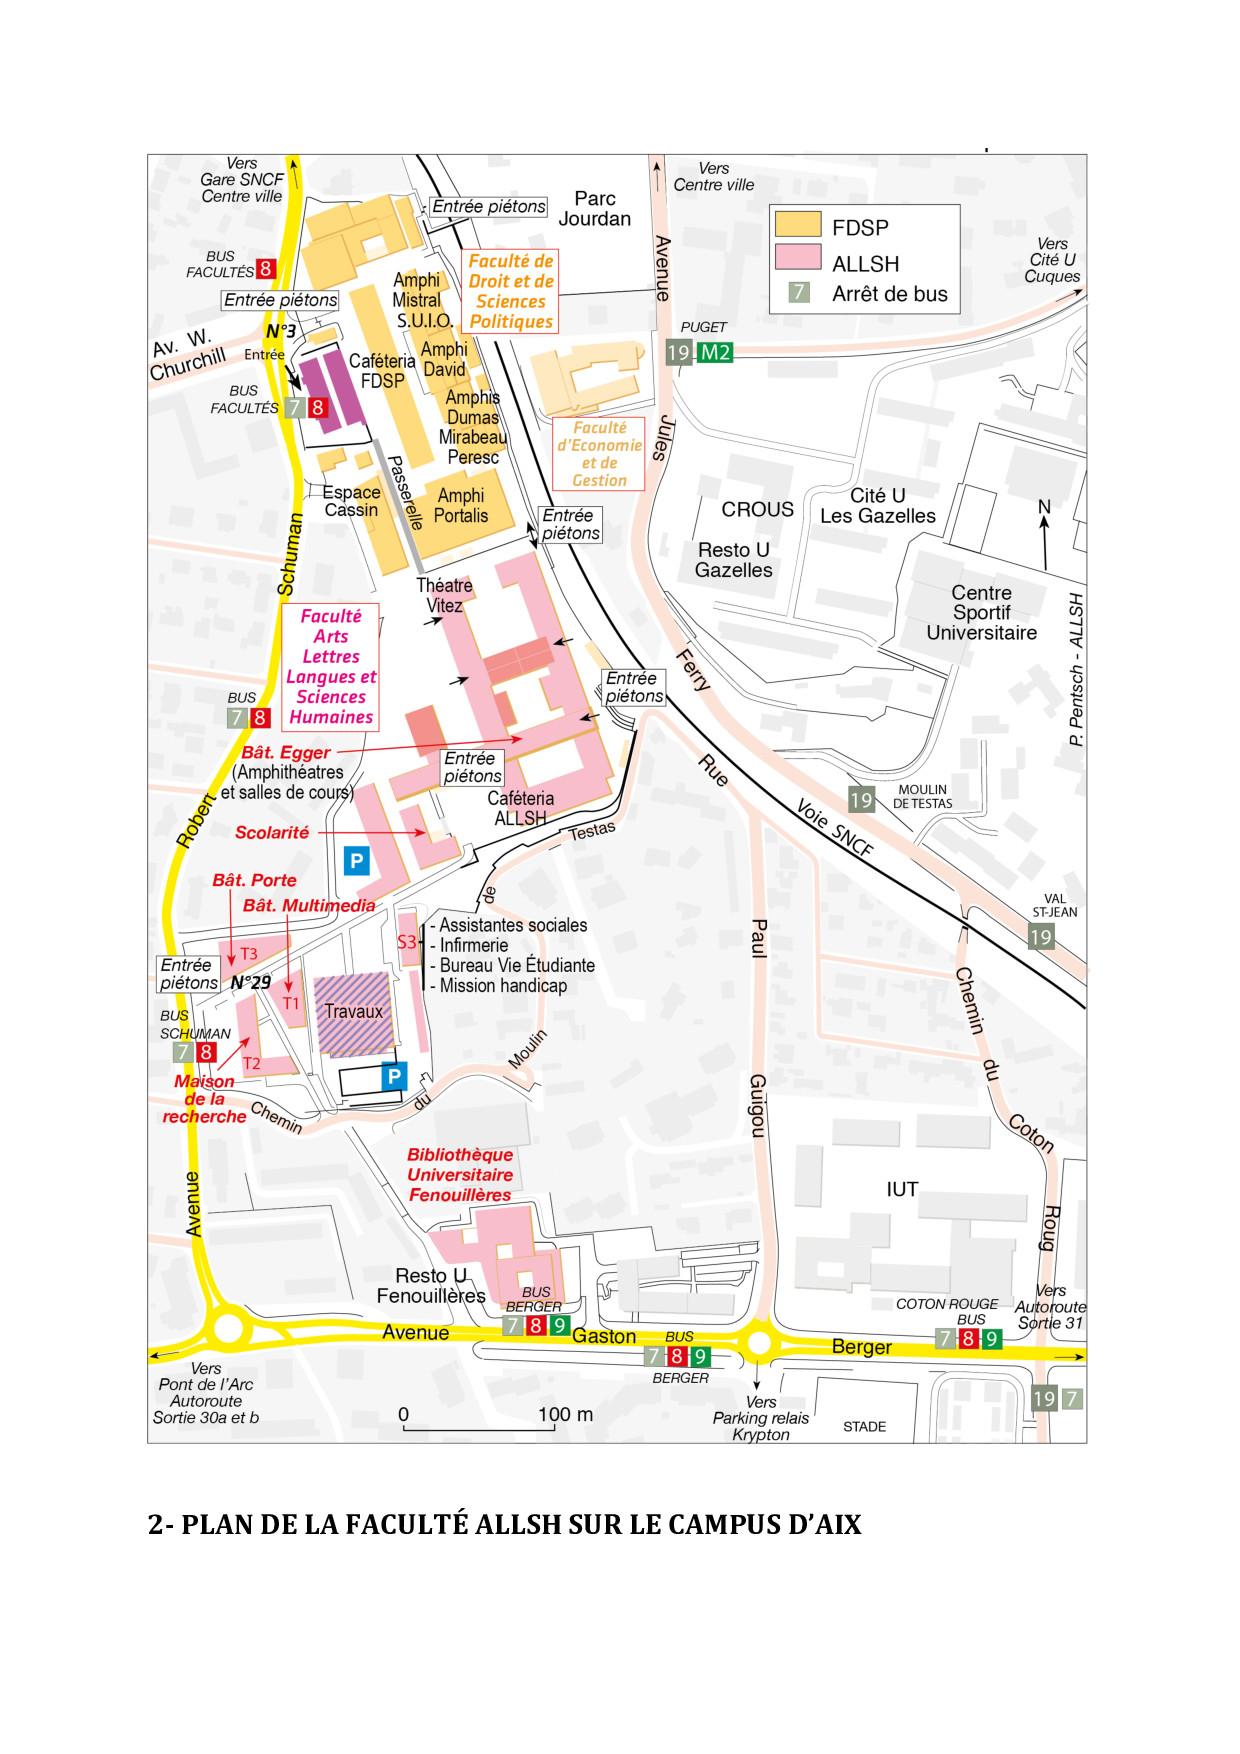 2_Plan_de_la_Faculte_ALLSH_sur_le_Campus_d_Aix_p001.jpg